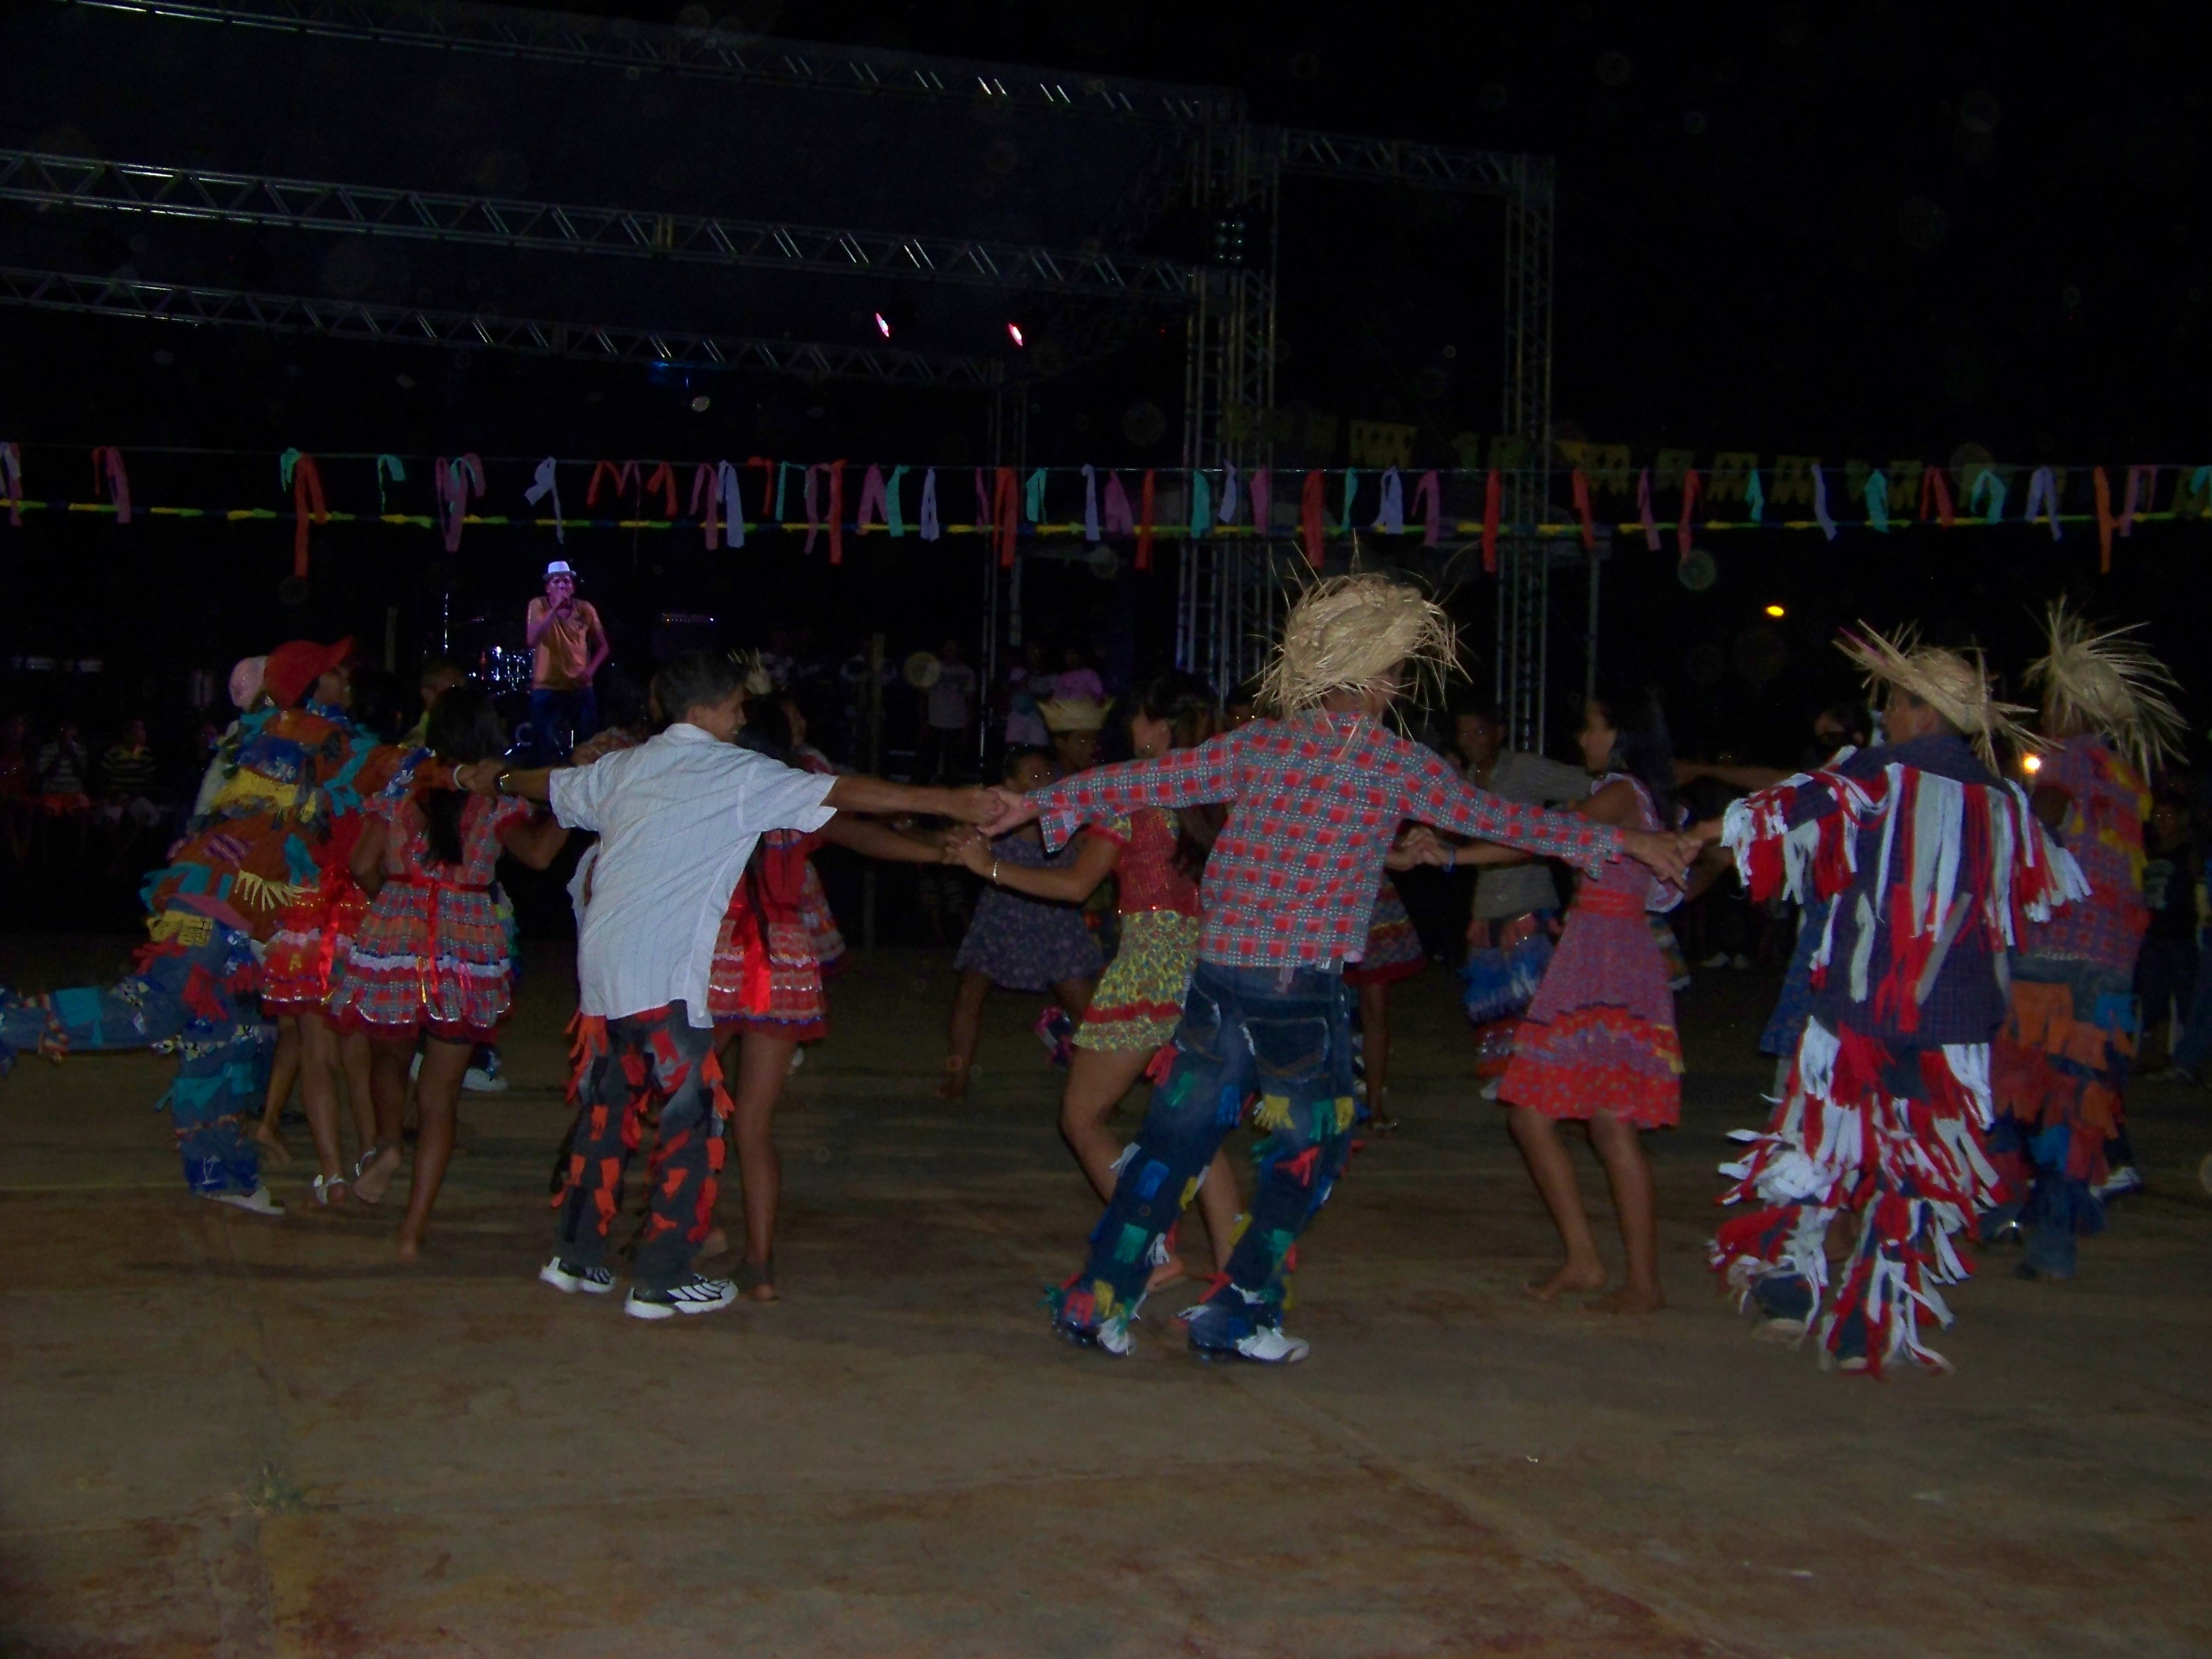 Festa do Mestiço comemorando o feriado do Dia do Mestiço em Autazes (AM) 27 06 2012